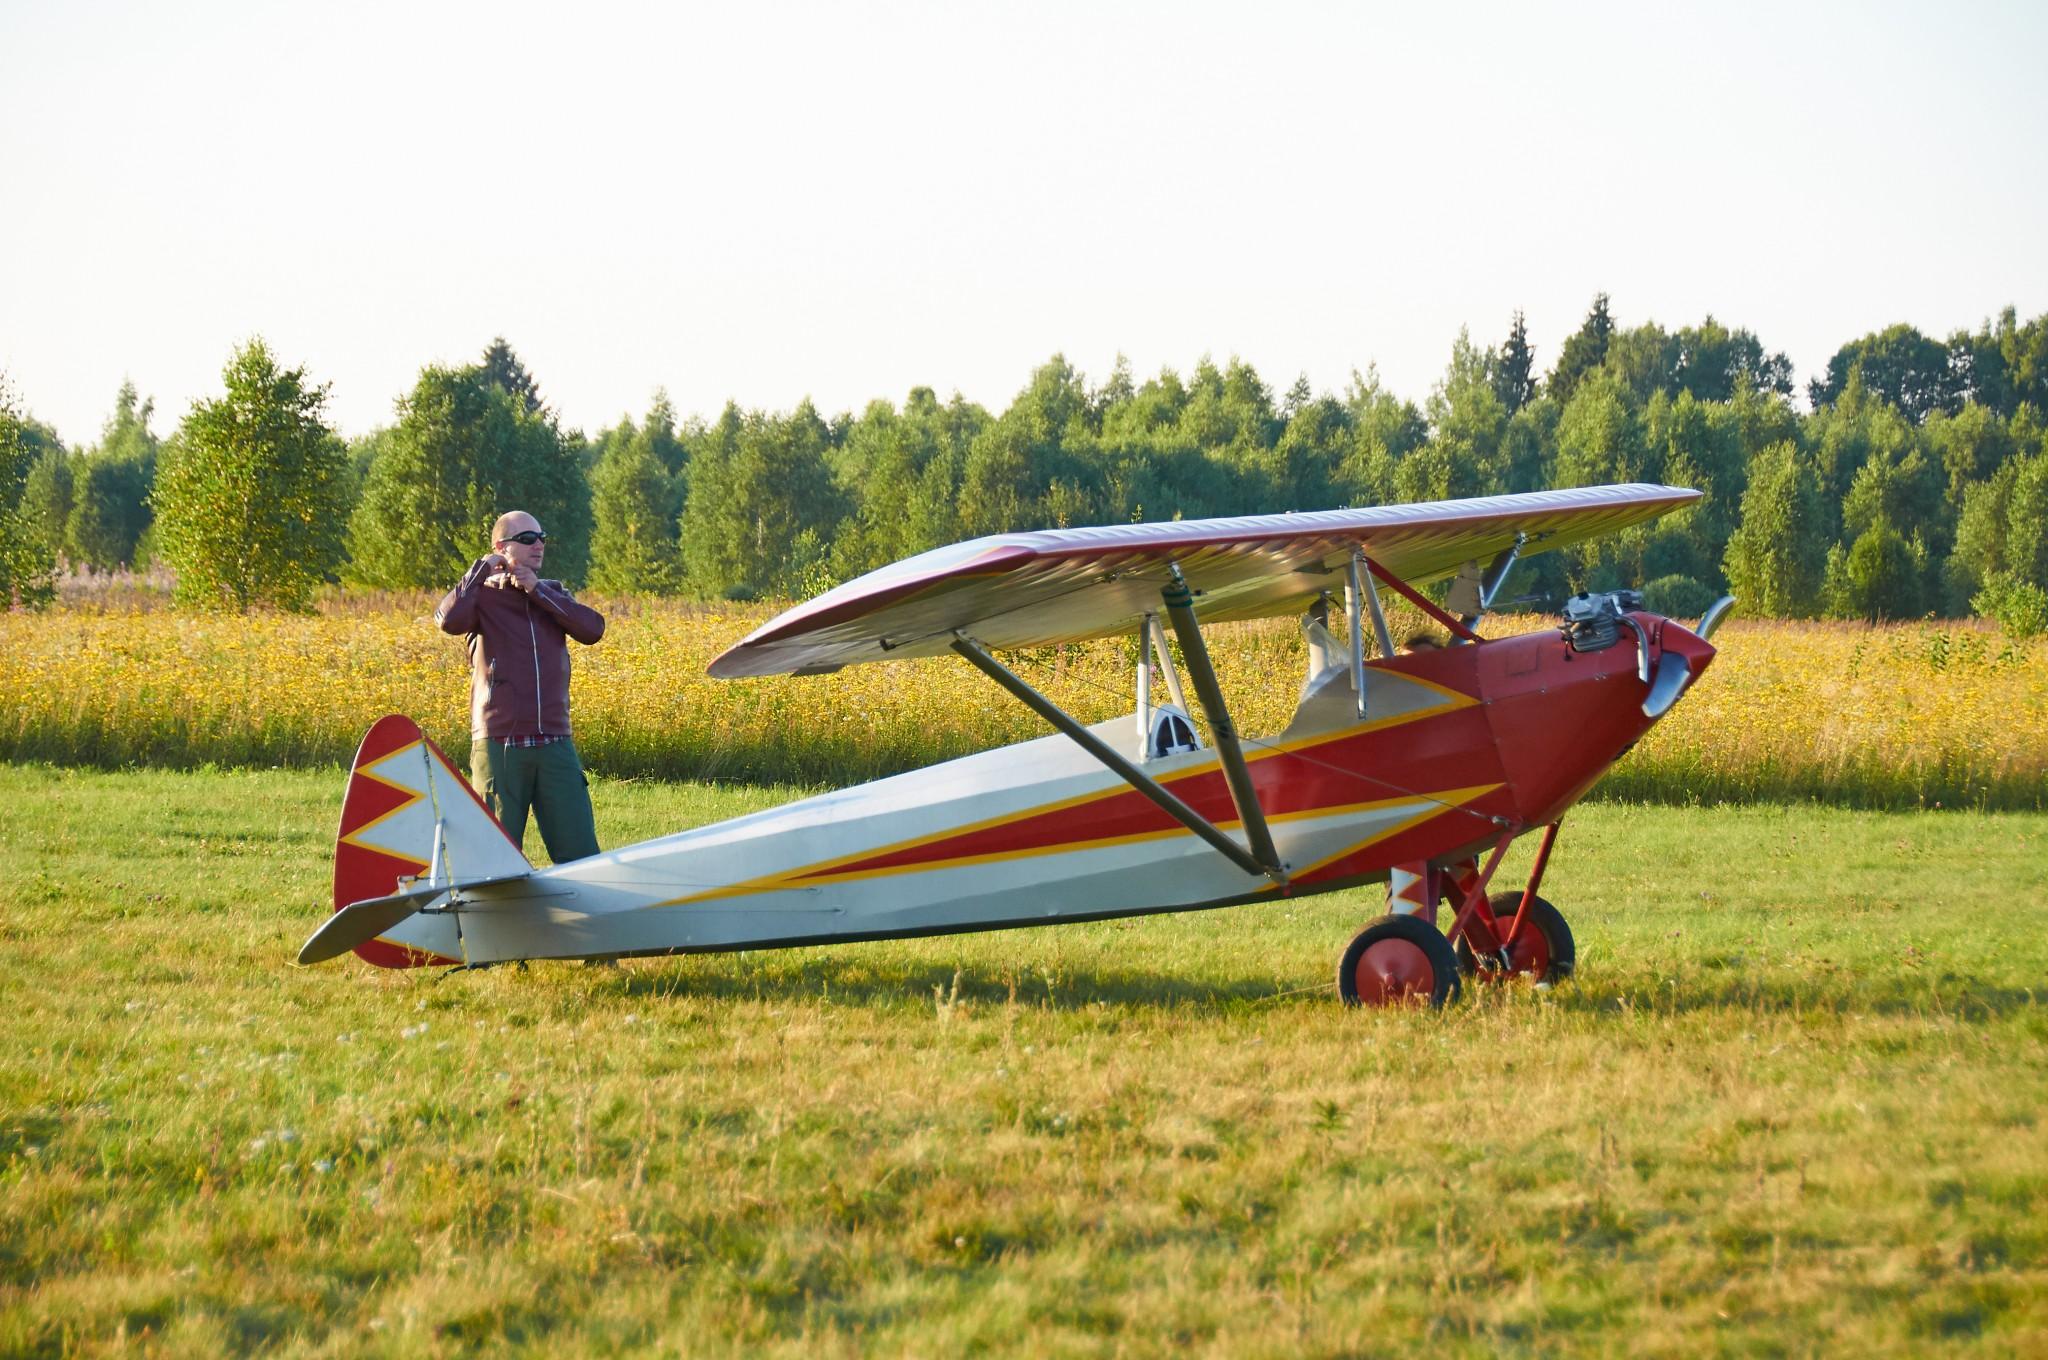 Andrey Yakovlev, pilot and owner of this Parasol ~ Андрей Яковлев, пилот и владелец Парасольки